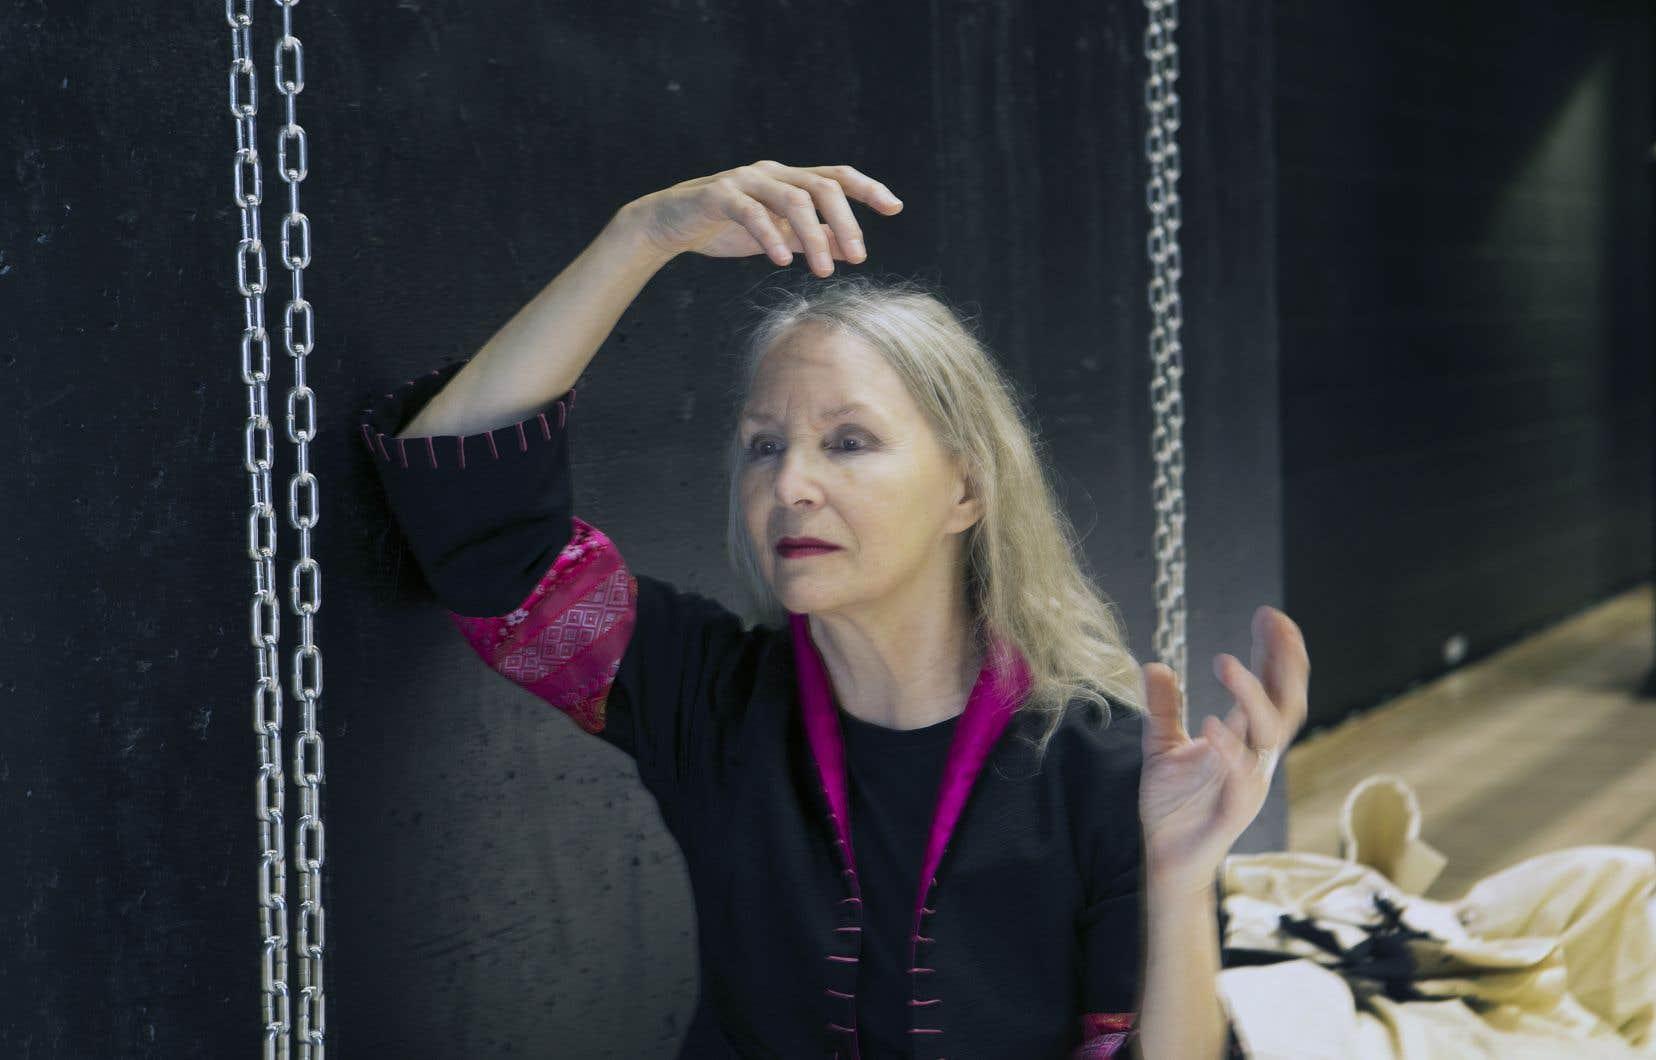 Les arts visuels et la littérature sont devenus des moteurs de travail pour la chorégraphe Louise Bédard.